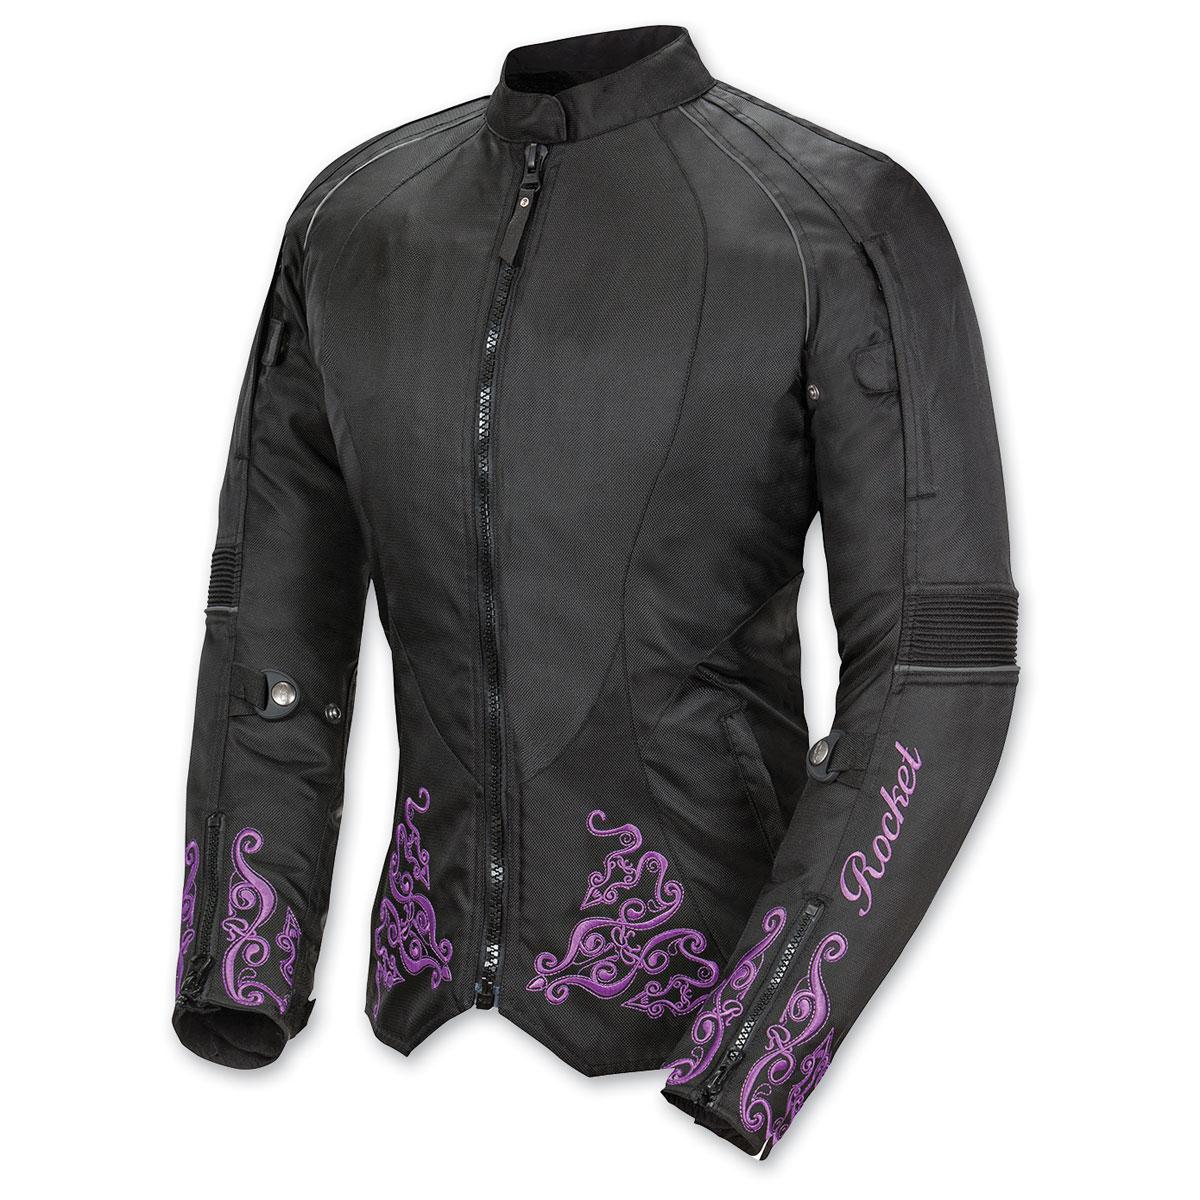 Joe Rocket Women's Heartbreaker 3.0 Purple/Black Jacket